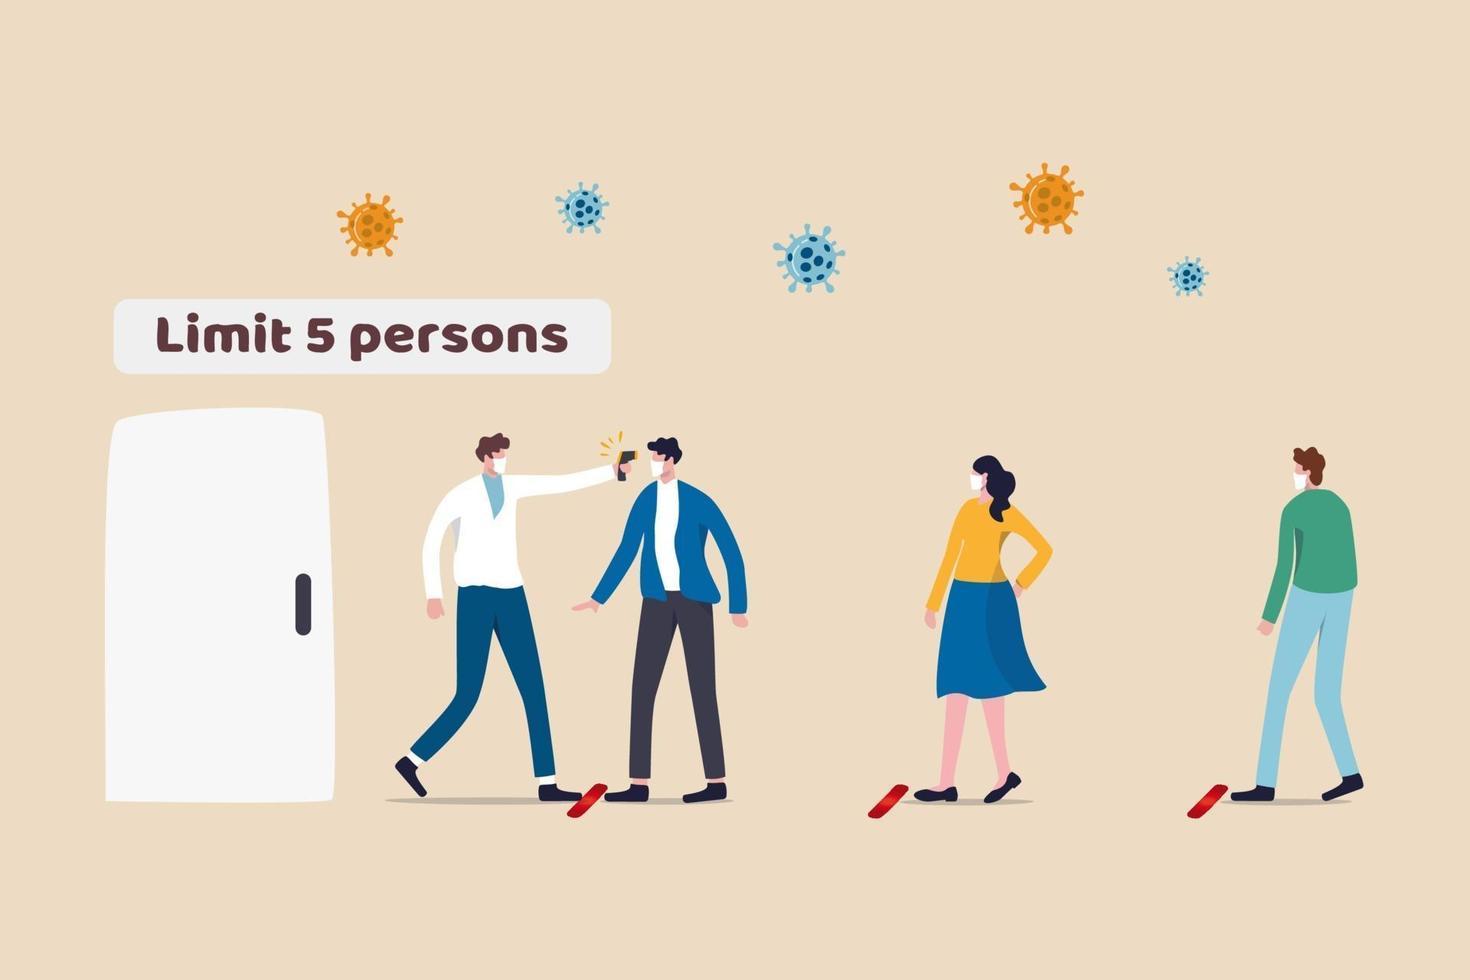 ny normal social distanserande livsstil i covid-19 coronavirus-eran, människor som bär ansiktsmask väntar i kö håller avståndet bort och kontrollerar kroppstemperaturen innan de går in i butiken och begränsar människorna inne vektor